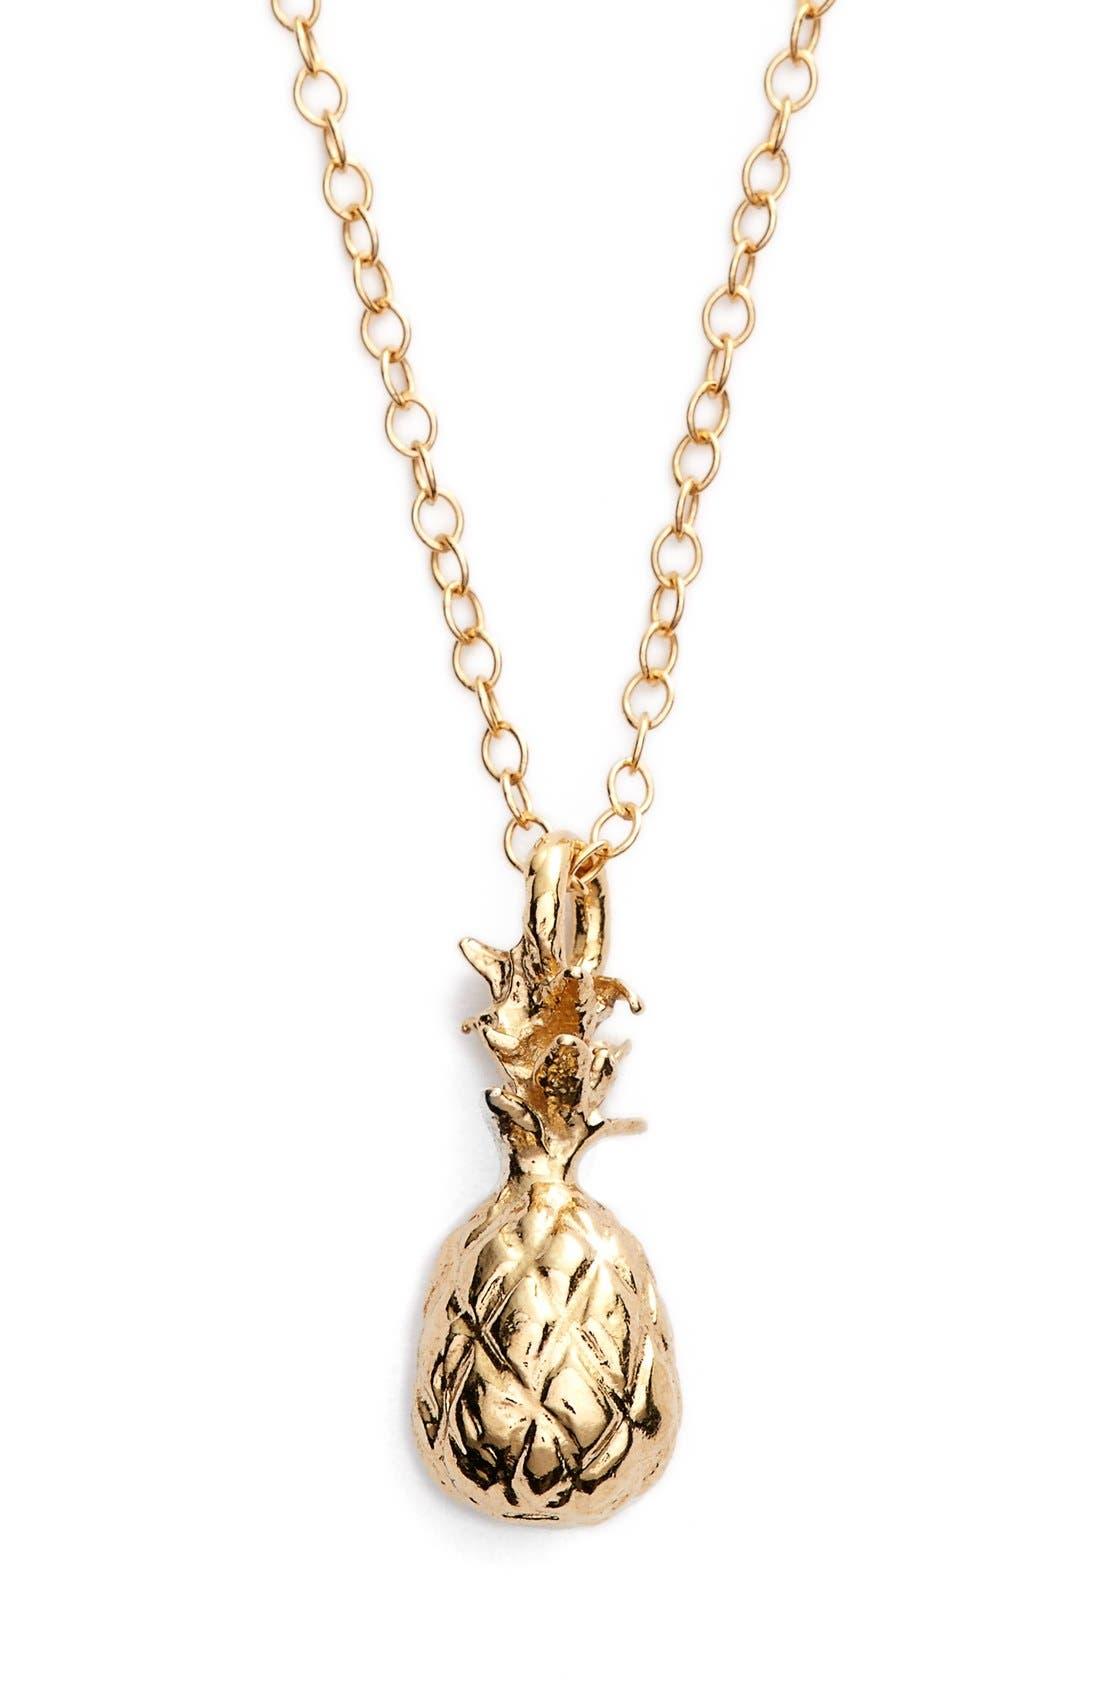 Main Image - ki-ele 'Hawaiian Pinya' Pendant Necklace